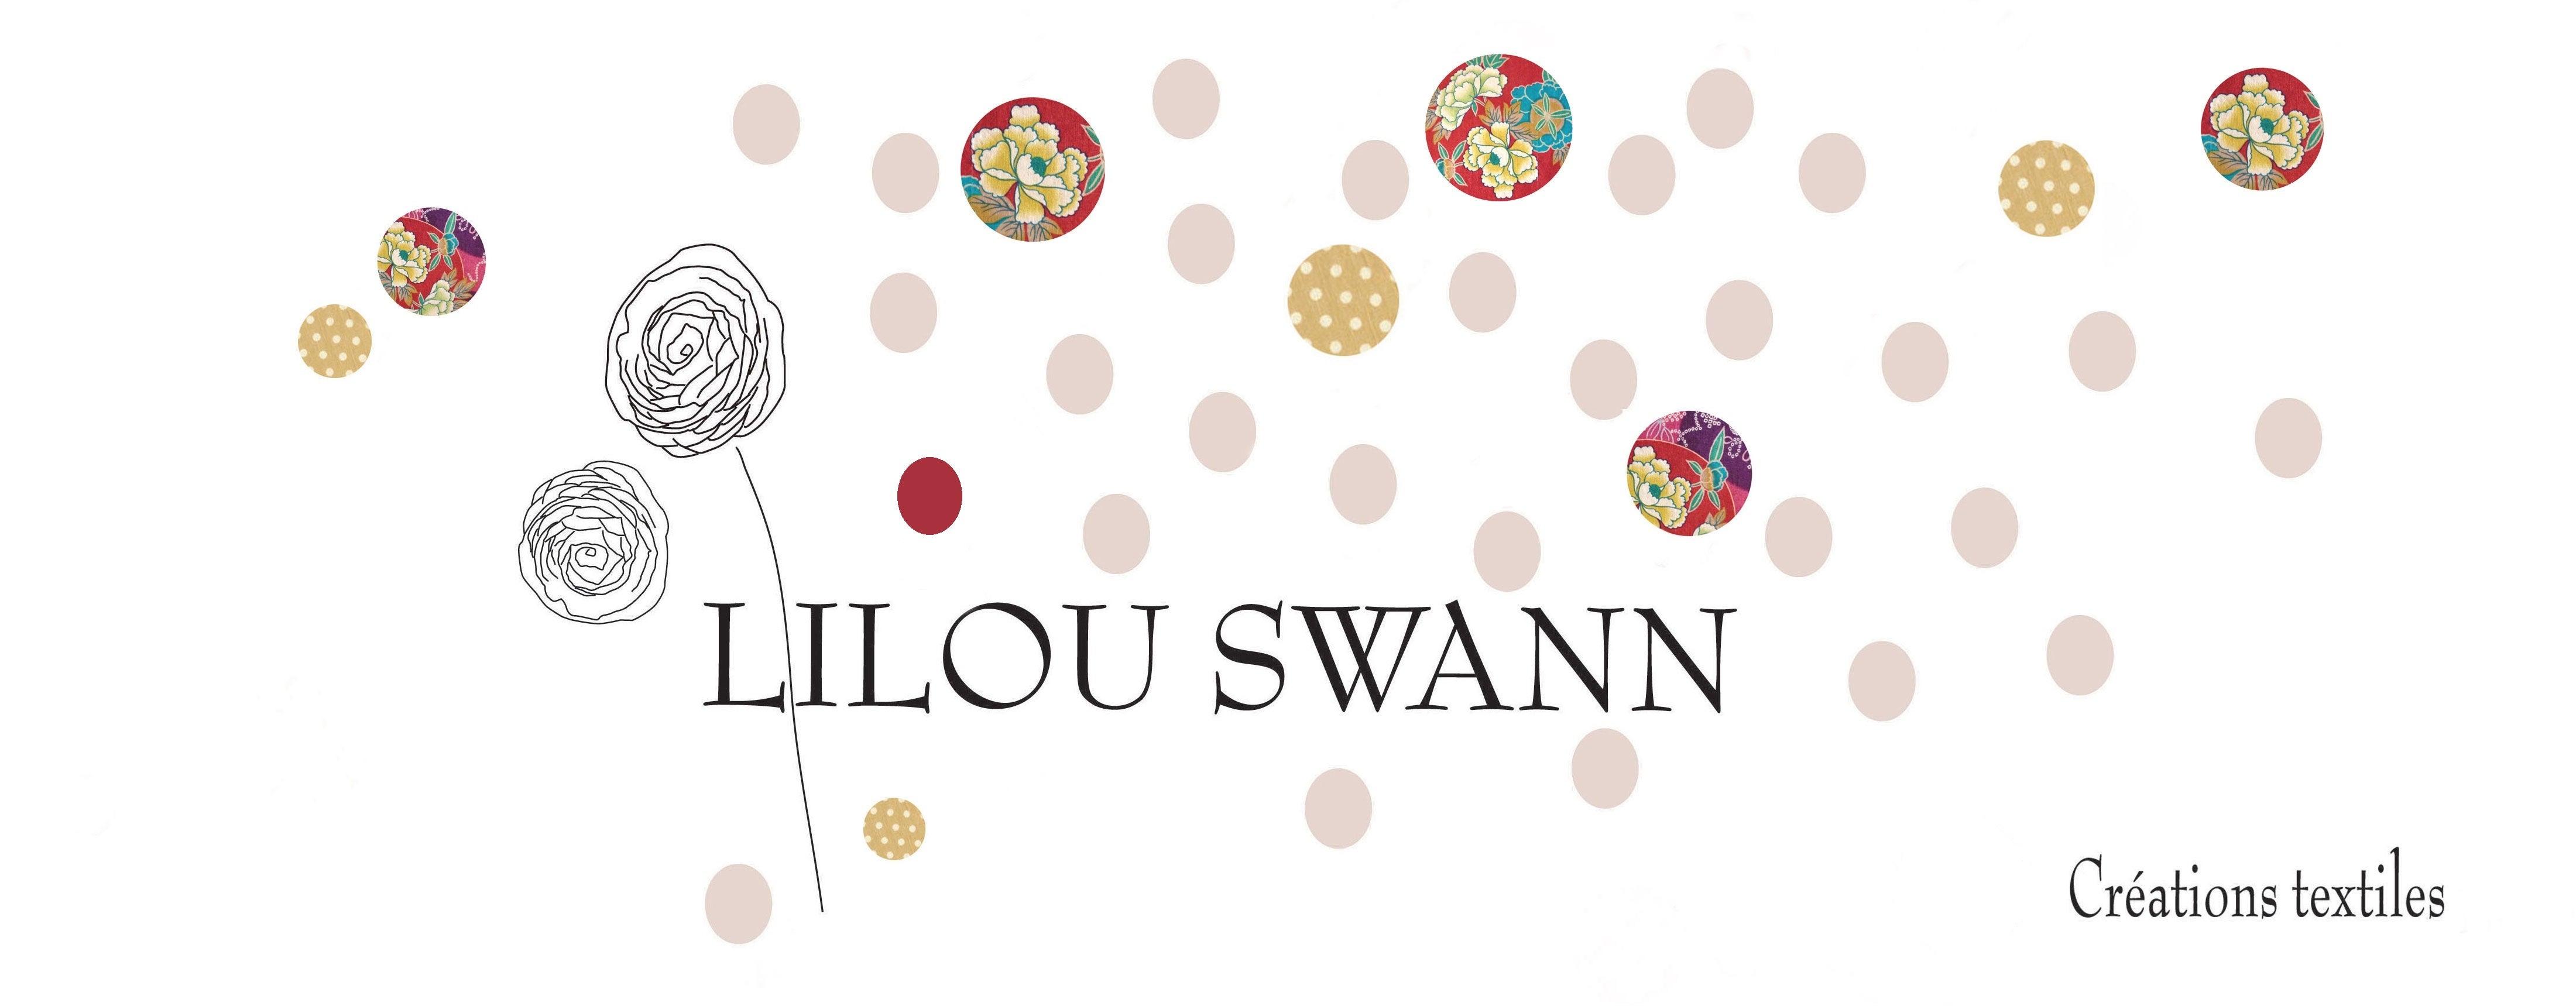 Lilou Swann